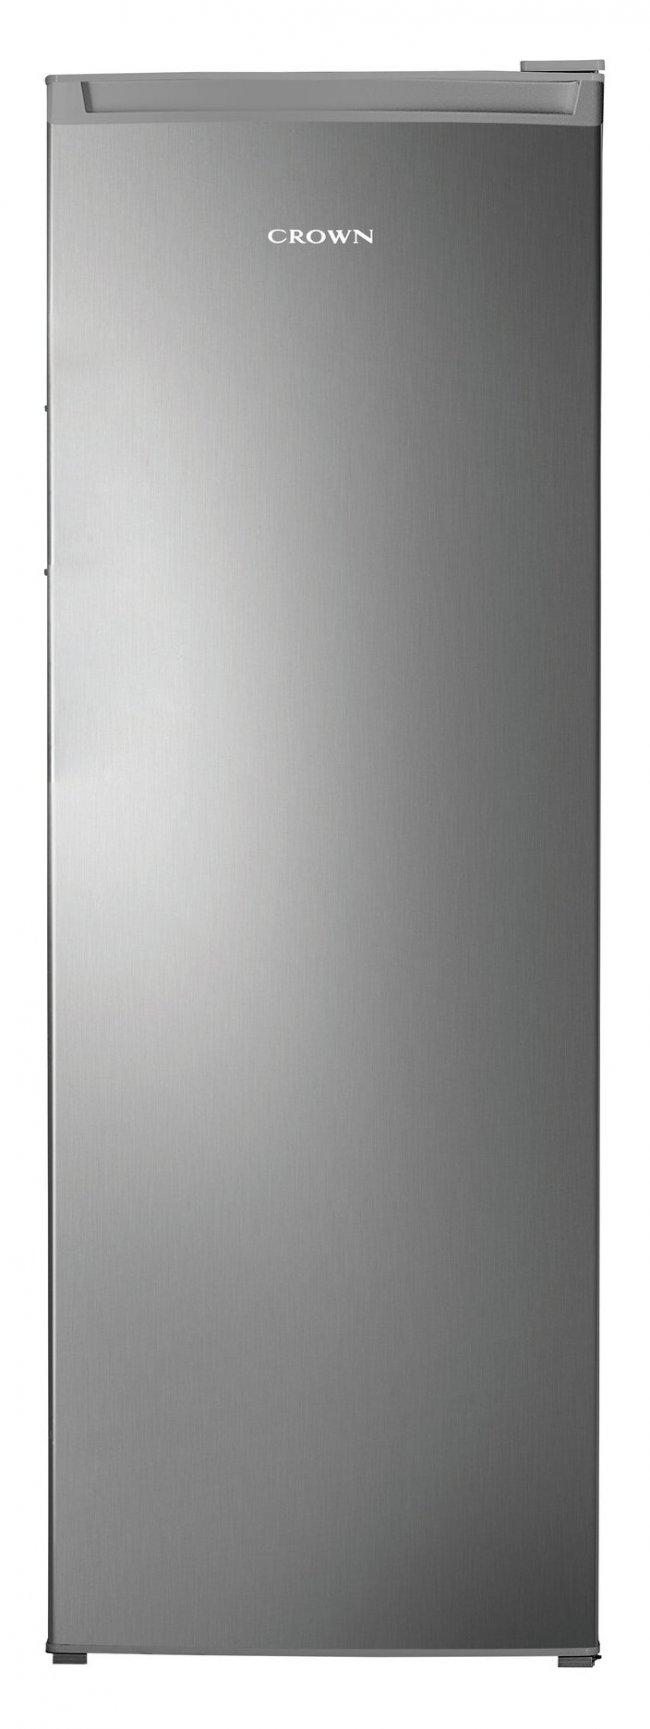 Хладилник Crown REF-330IX